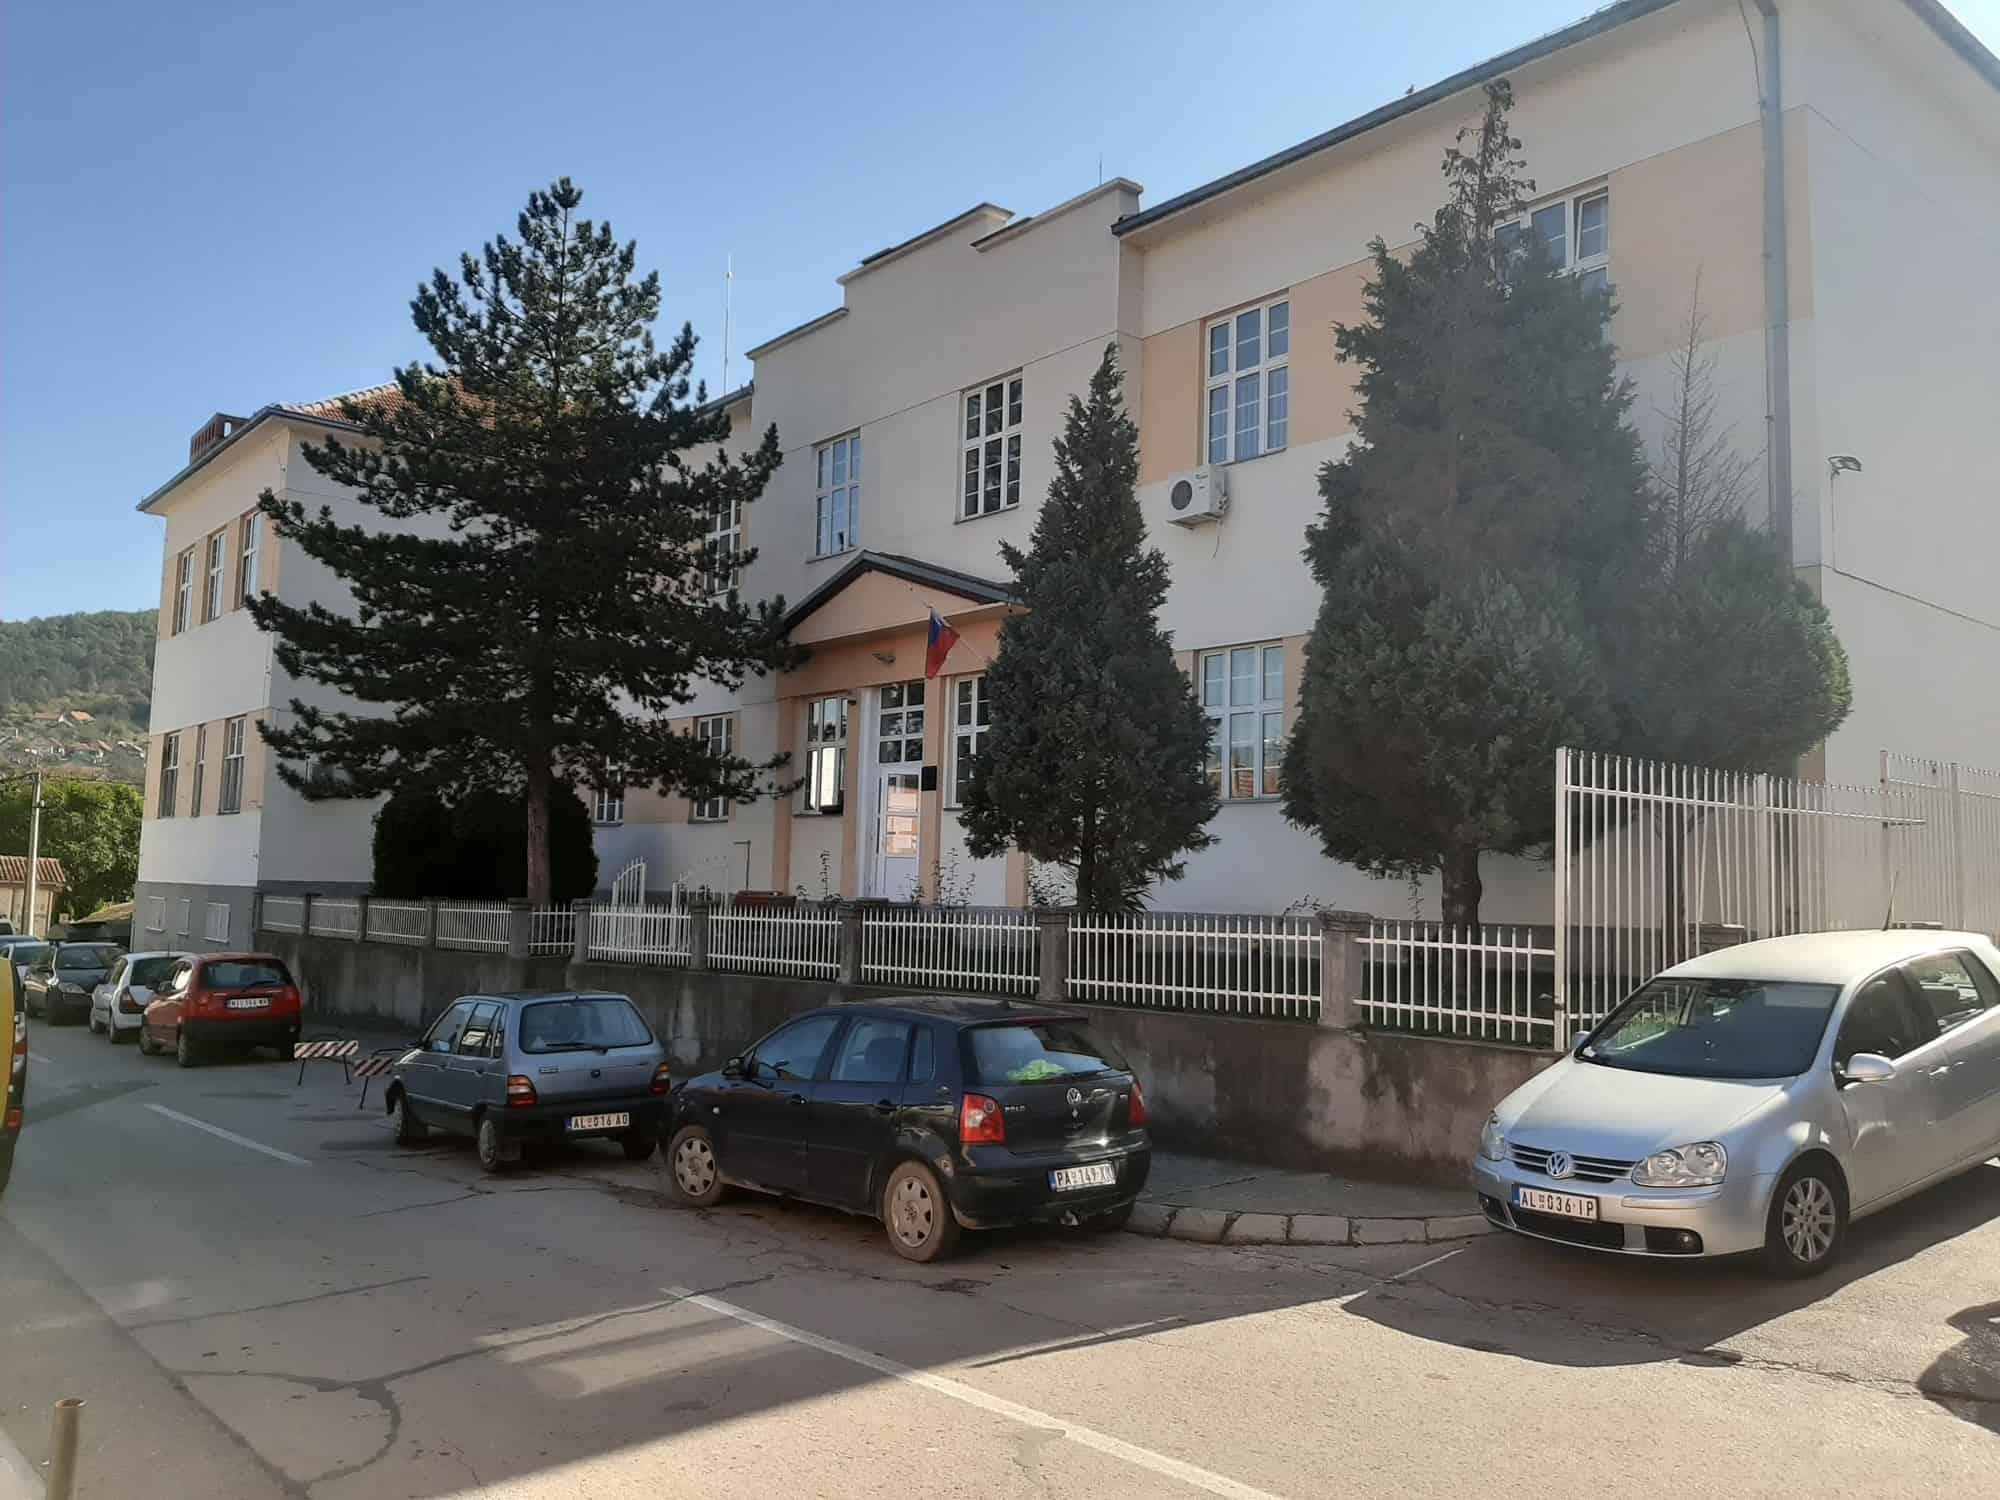 Од 8. до 12. марта све средње школе у Србији на онлајн настави